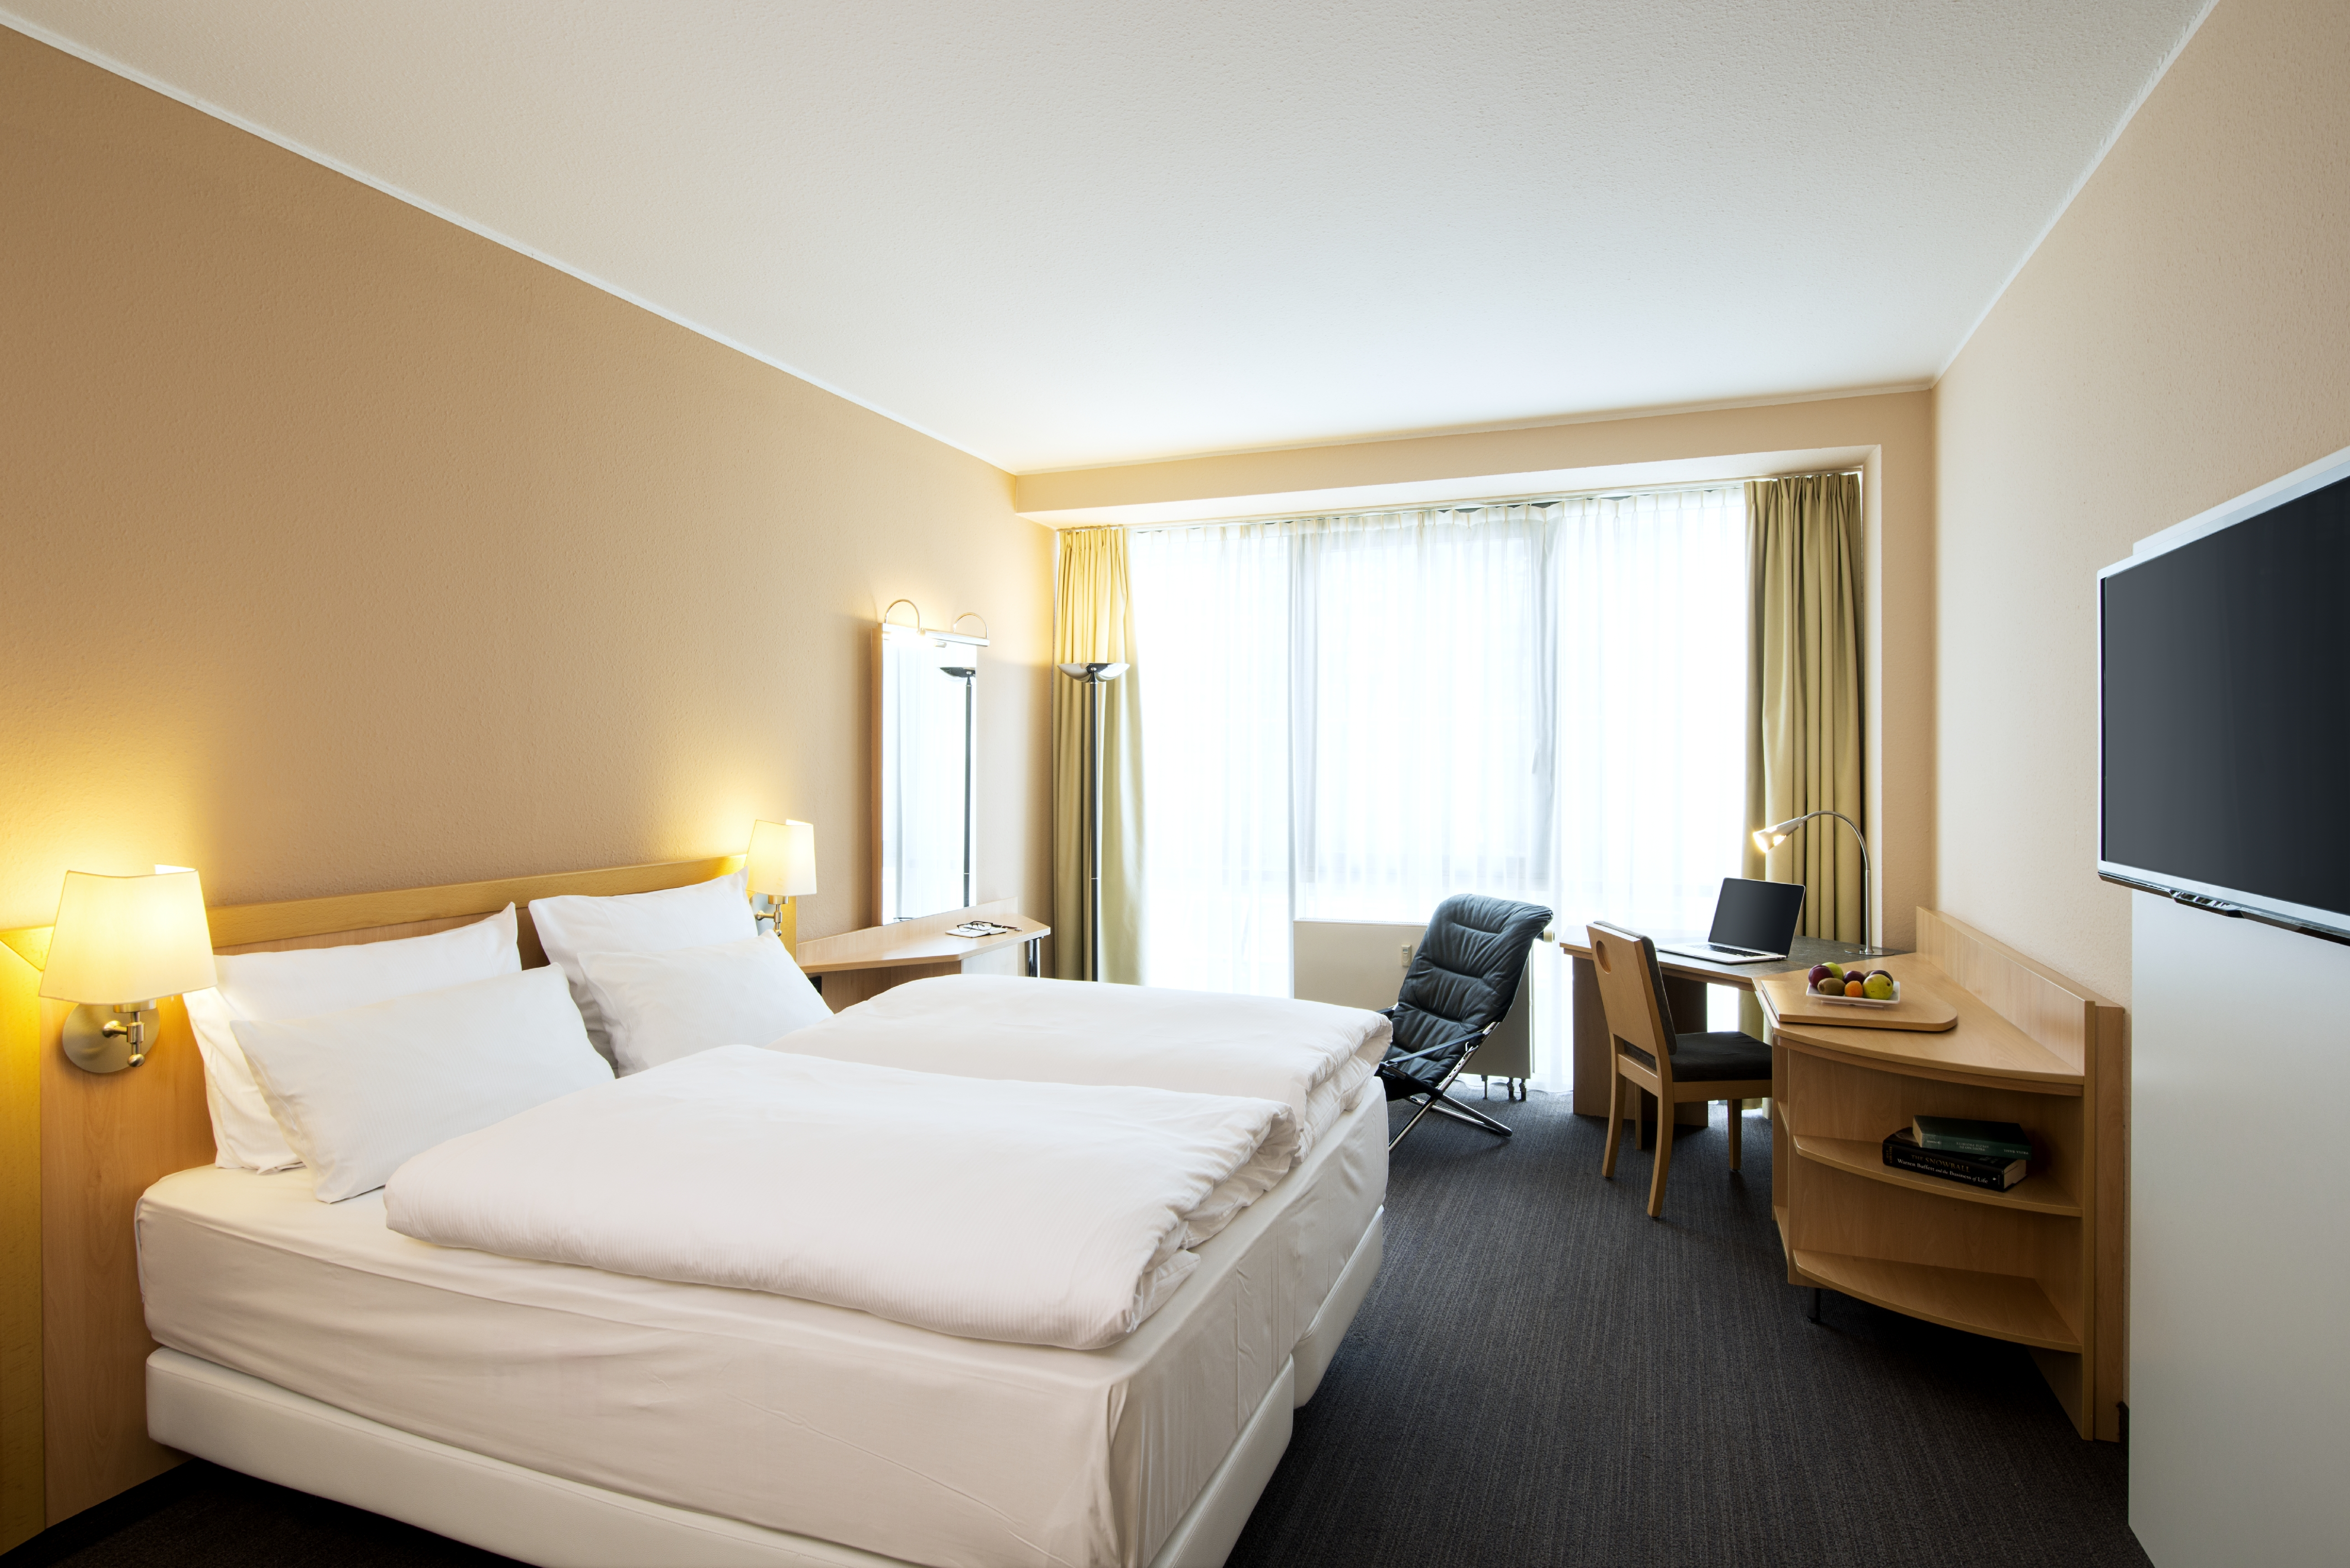 Centro Hotel Schumann Bewertung